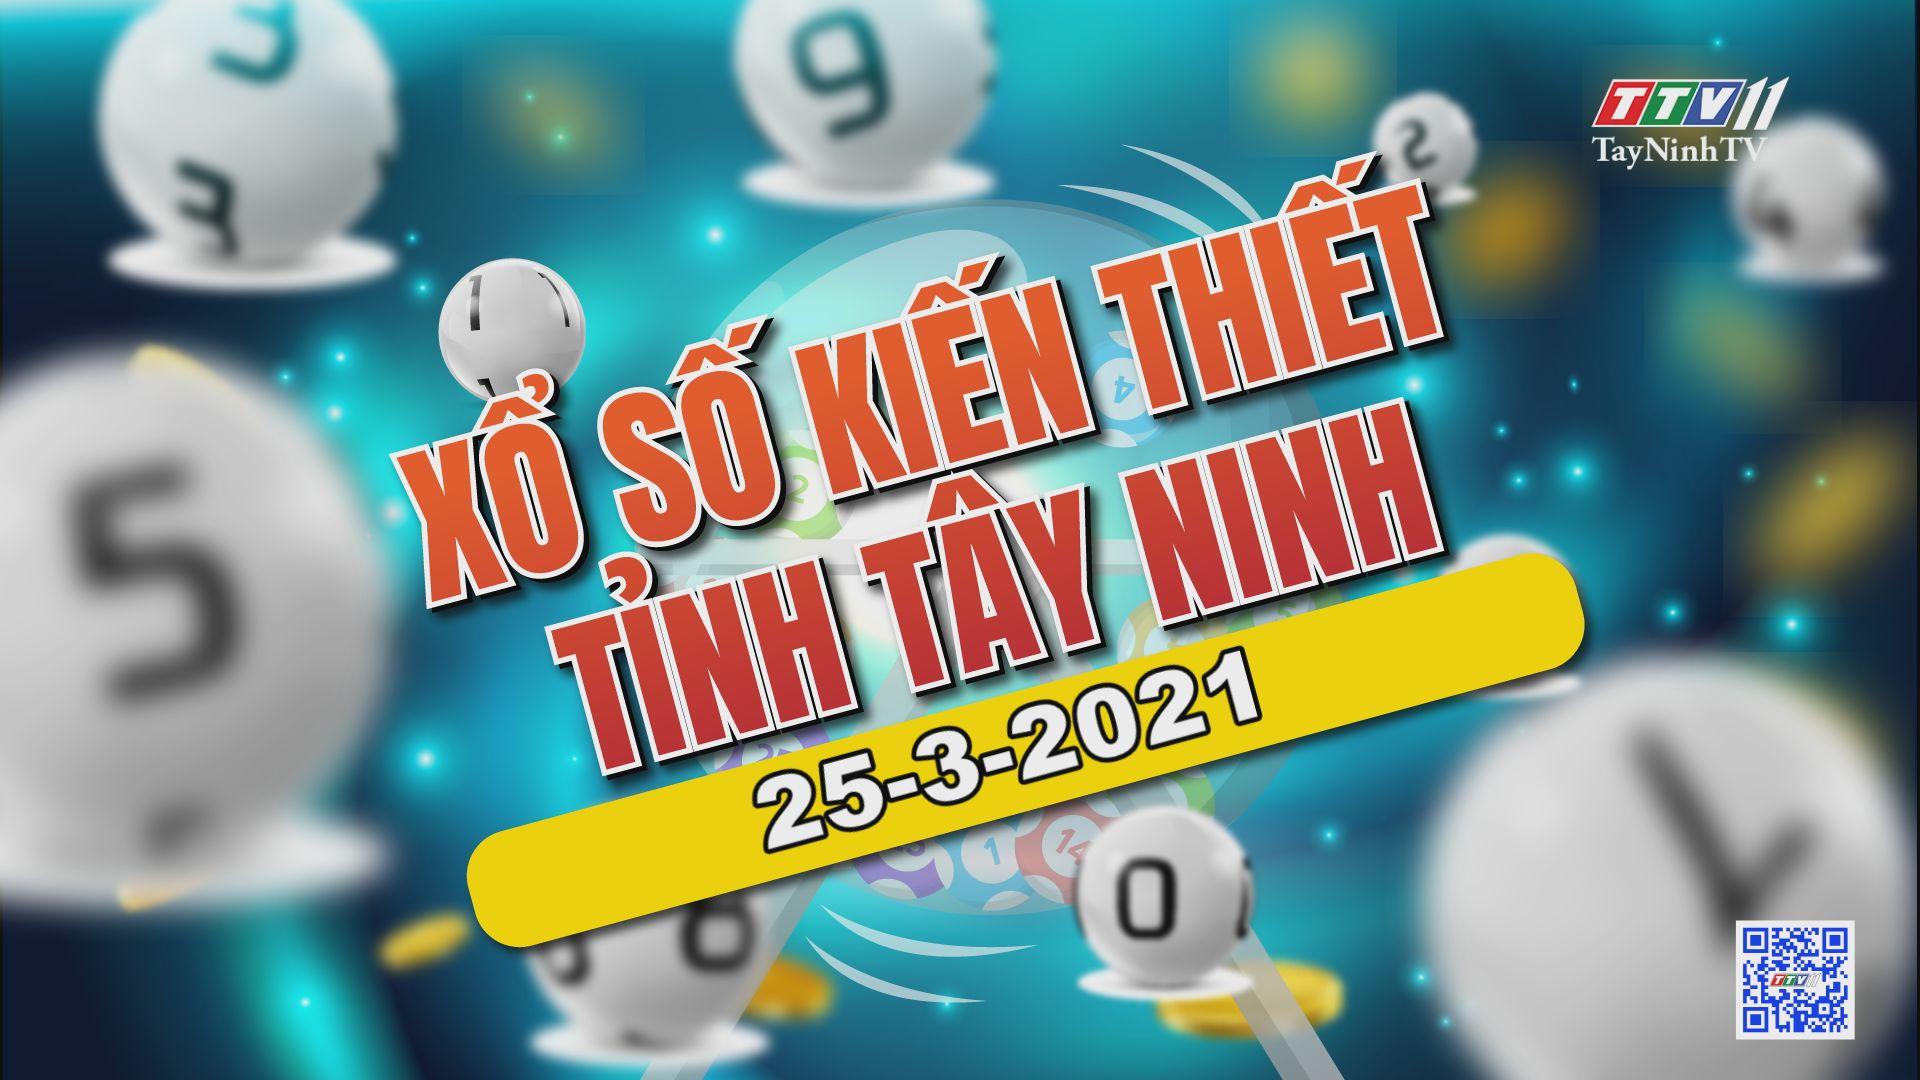 Trực tiếp Xổ số Tây Ninh ngày 25-3-2021 | TayNinhTVE